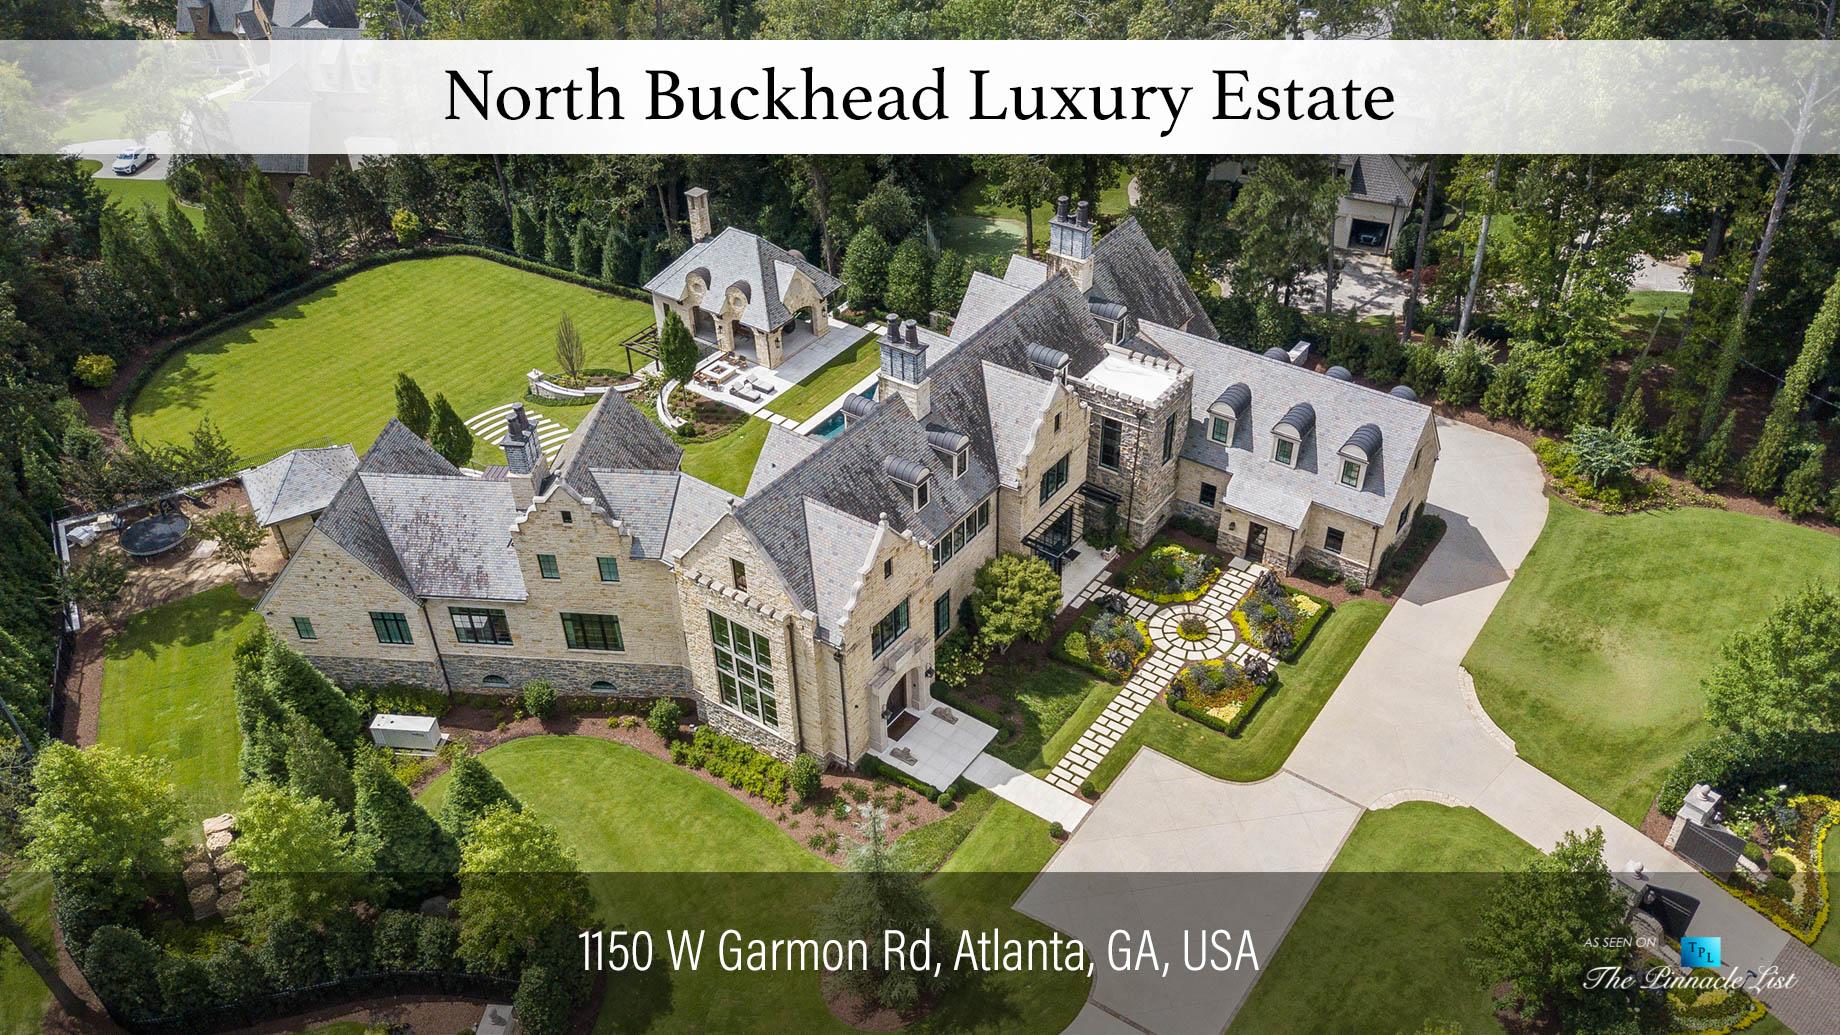 North Buckhead Luxury Estate - 1150 W Garmon Rd, Atlanta, GA, USA